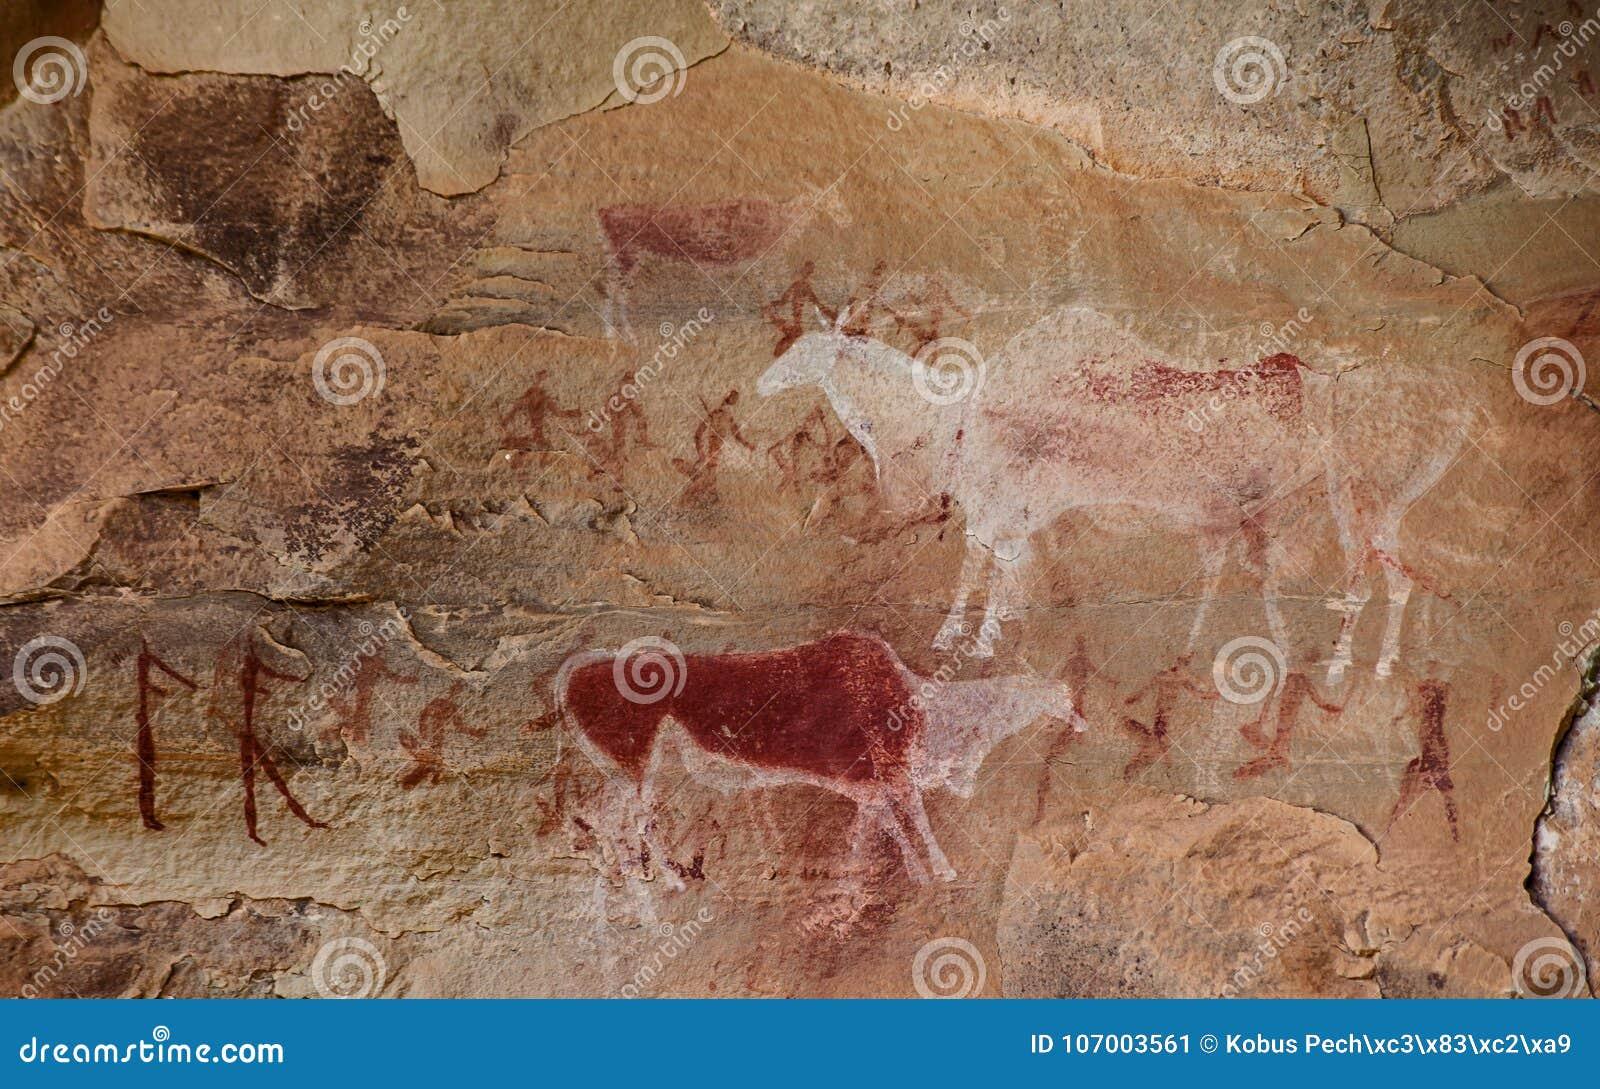 南非丛林居民岩石艺术10